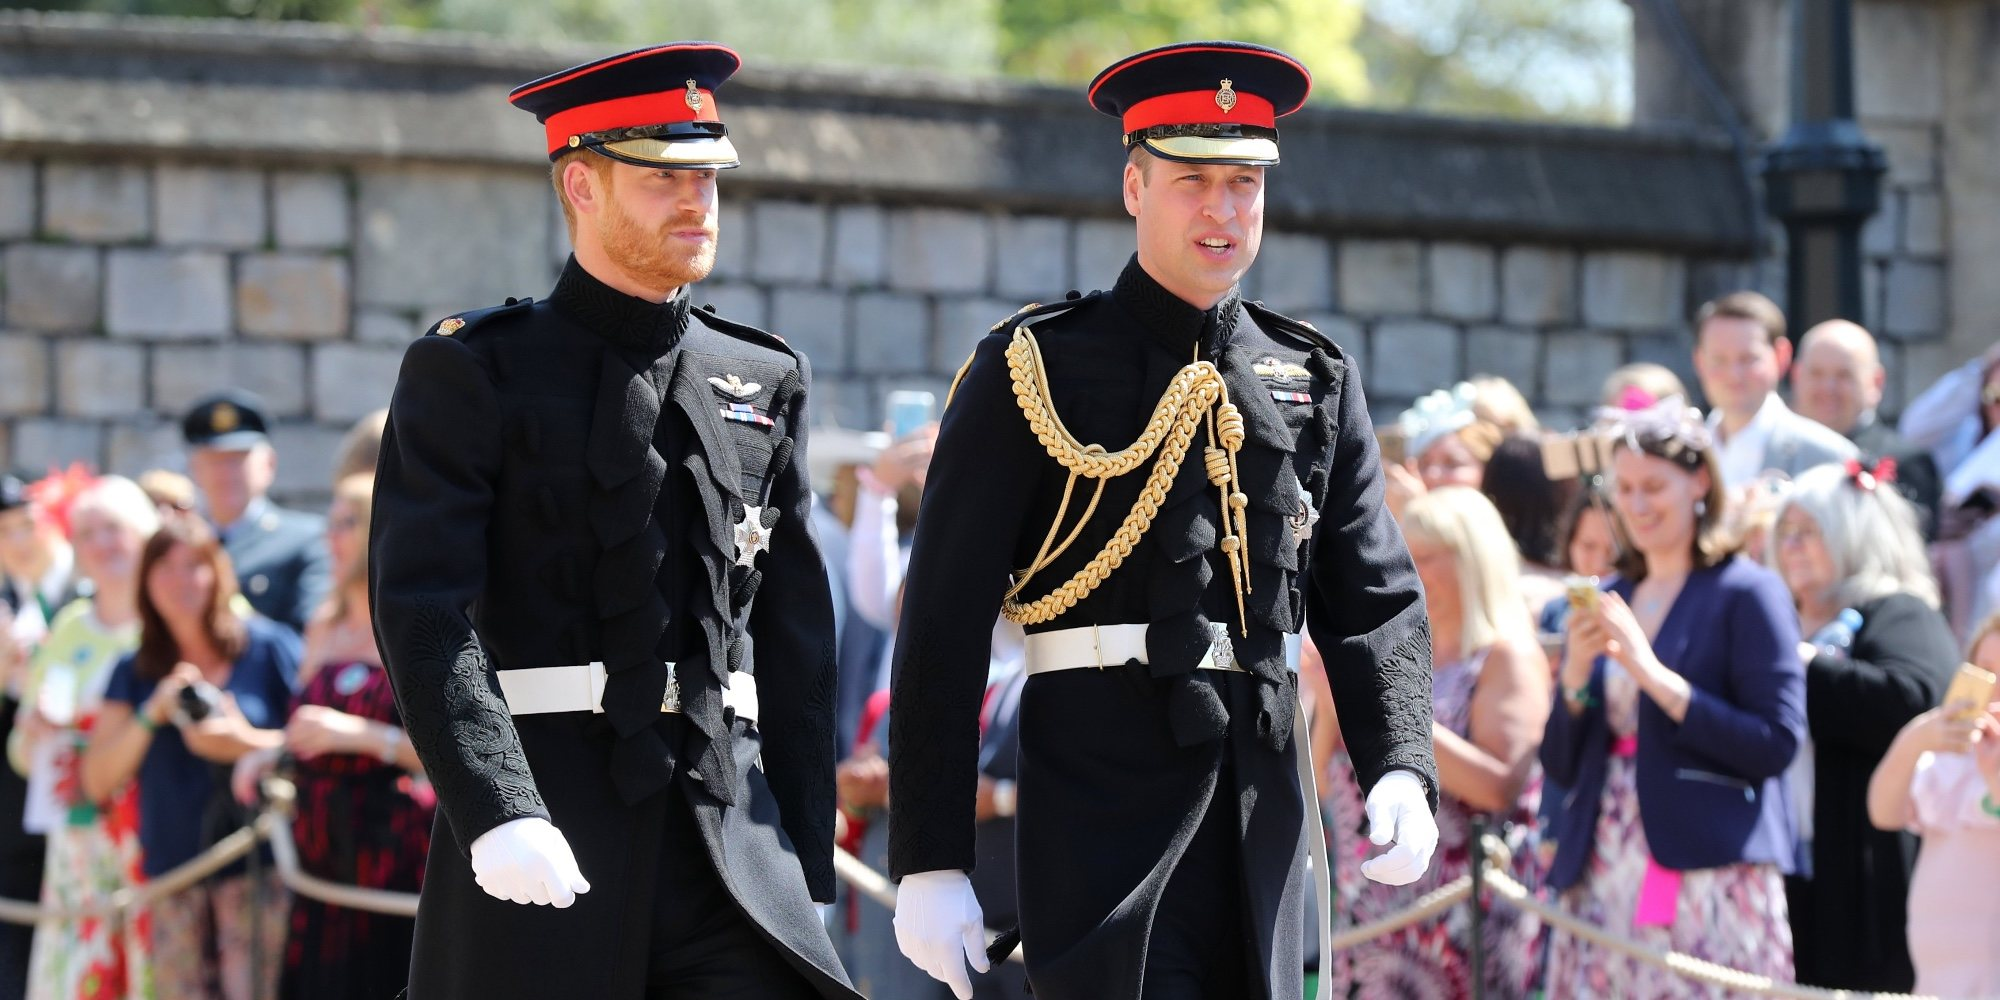 La falsa pelea de los Príncipes Guillermo y Harry en el partido de polo que unió a Kate Middleton y Meghan Markle